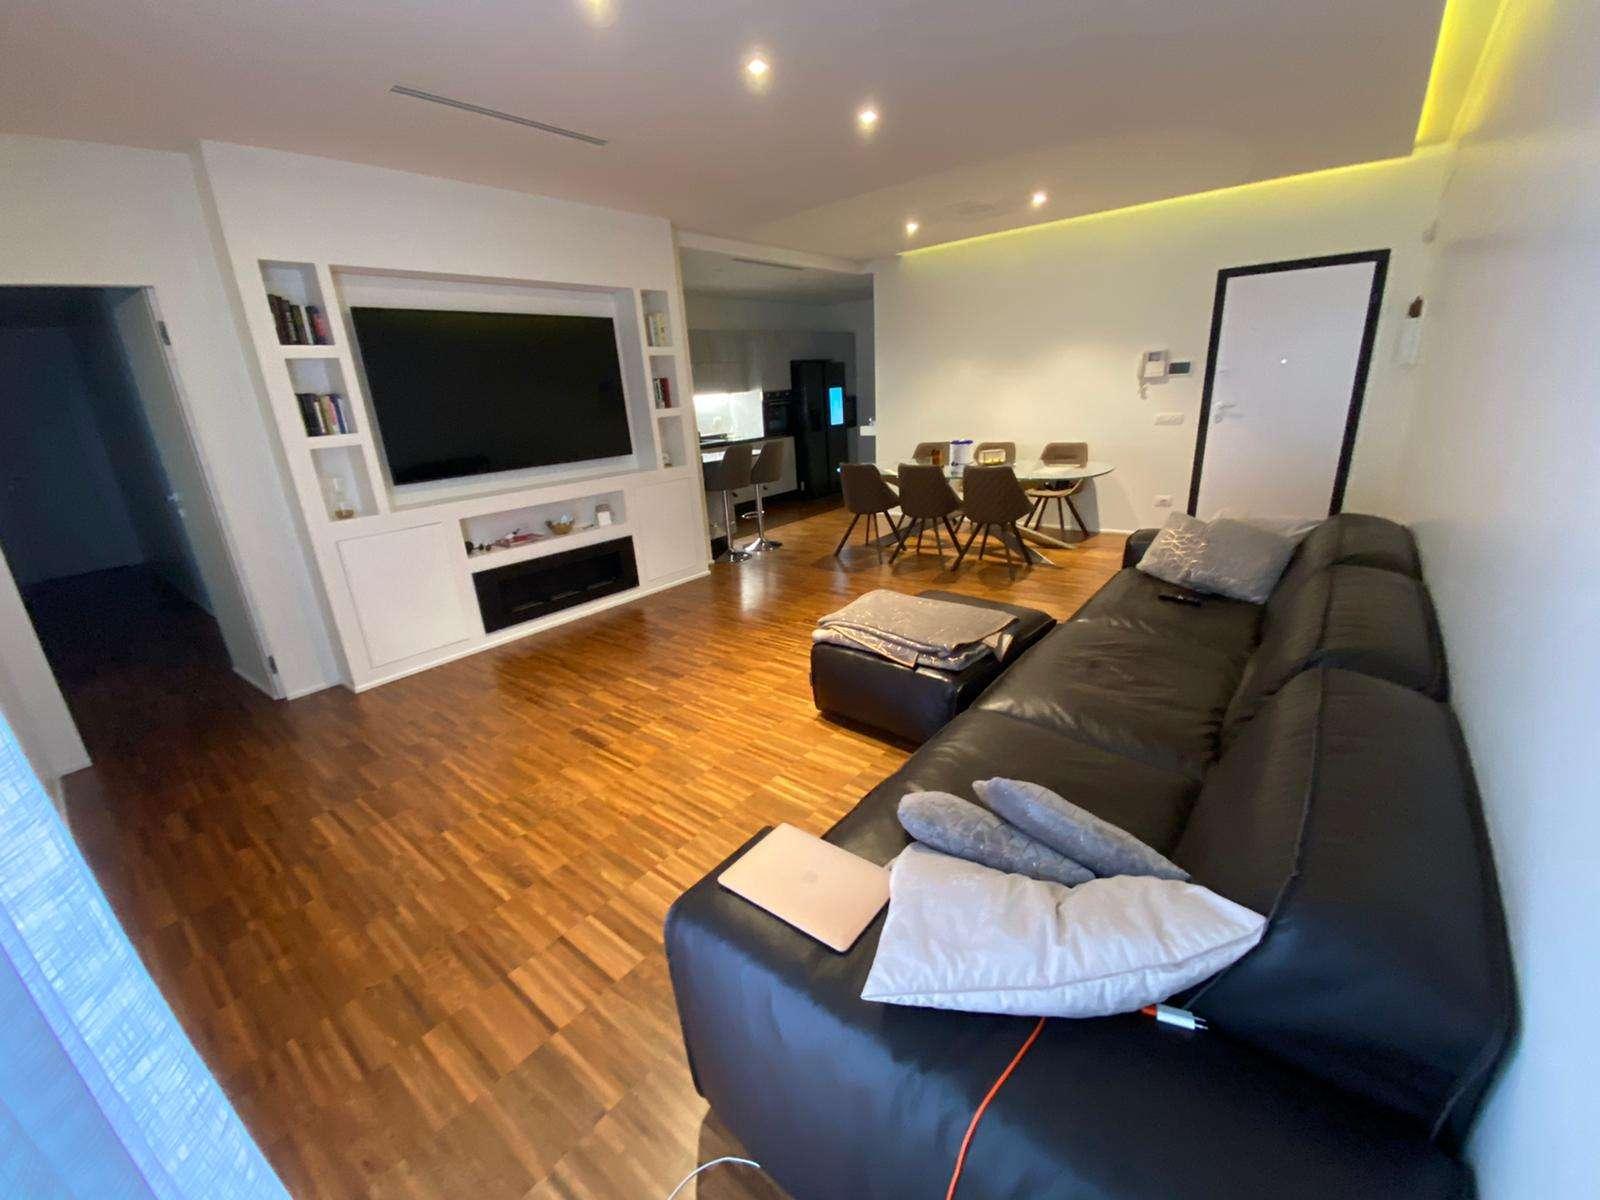 Appartamento-in-vendita-3-tre-locali-terrazzo-giardino-nuova-costruzione-spaziourbano-immobiliare-vende-milano-10